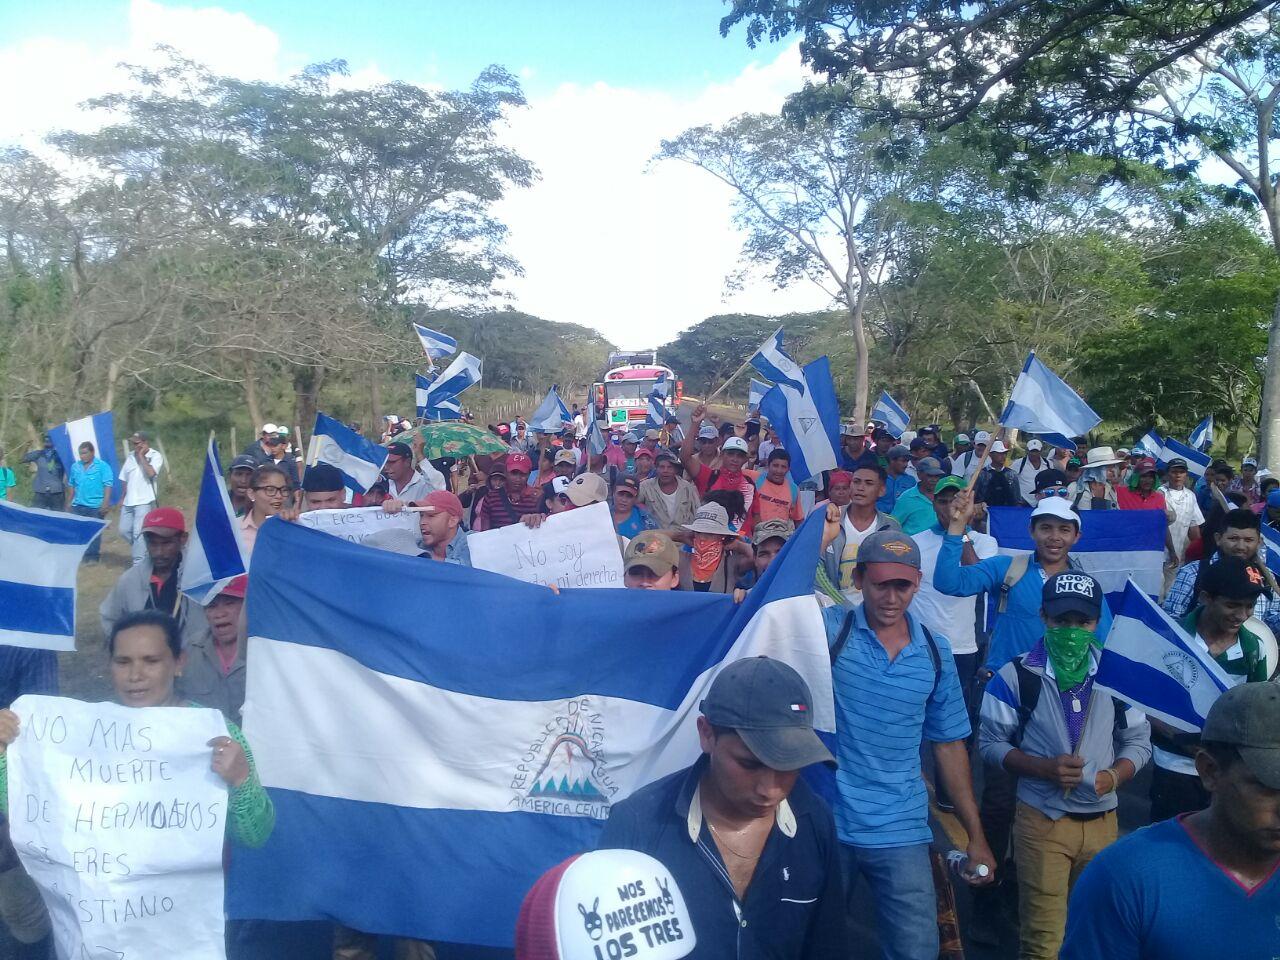 Campesinos de El Tule, Almendro y Nueva Guinea se unen a las protestas. Foto: Cortesía